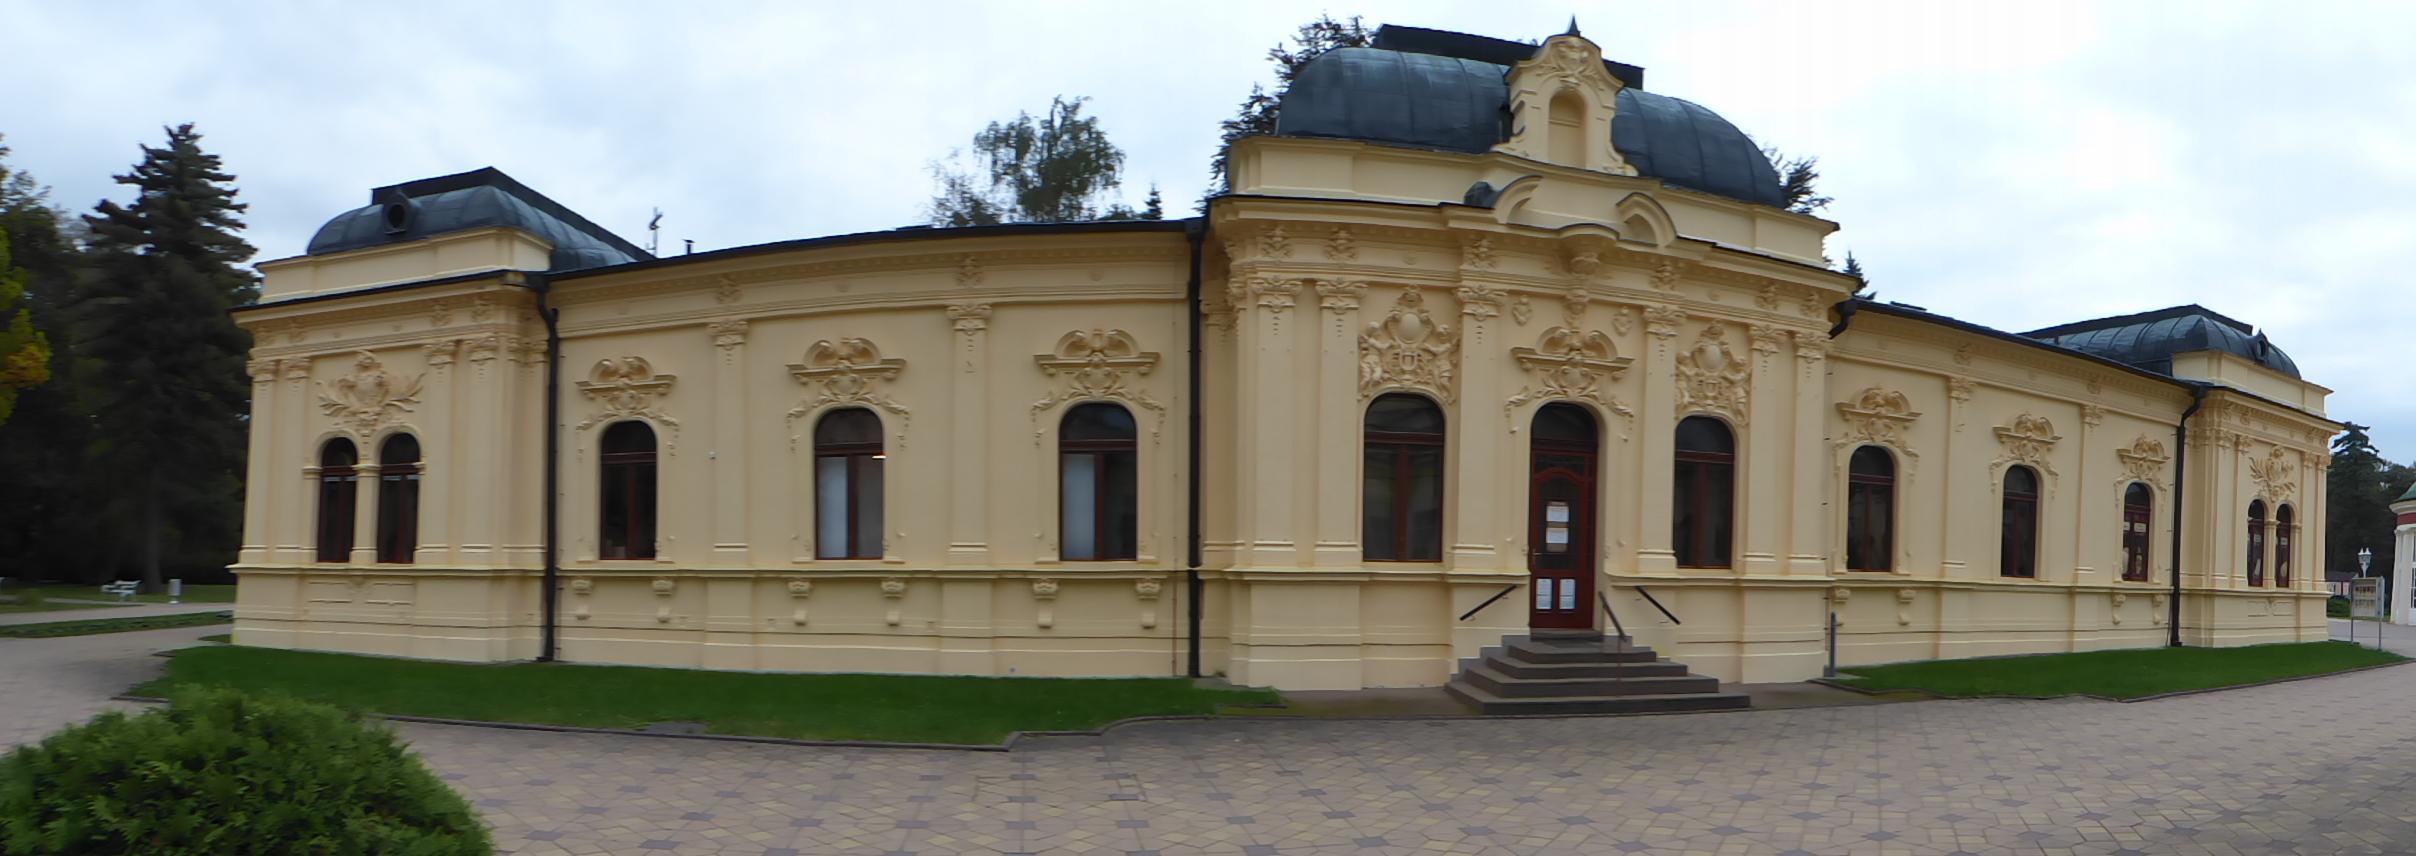 Schmuckes Kurgebäude in Franzensbad, Foto: D.Weirauch